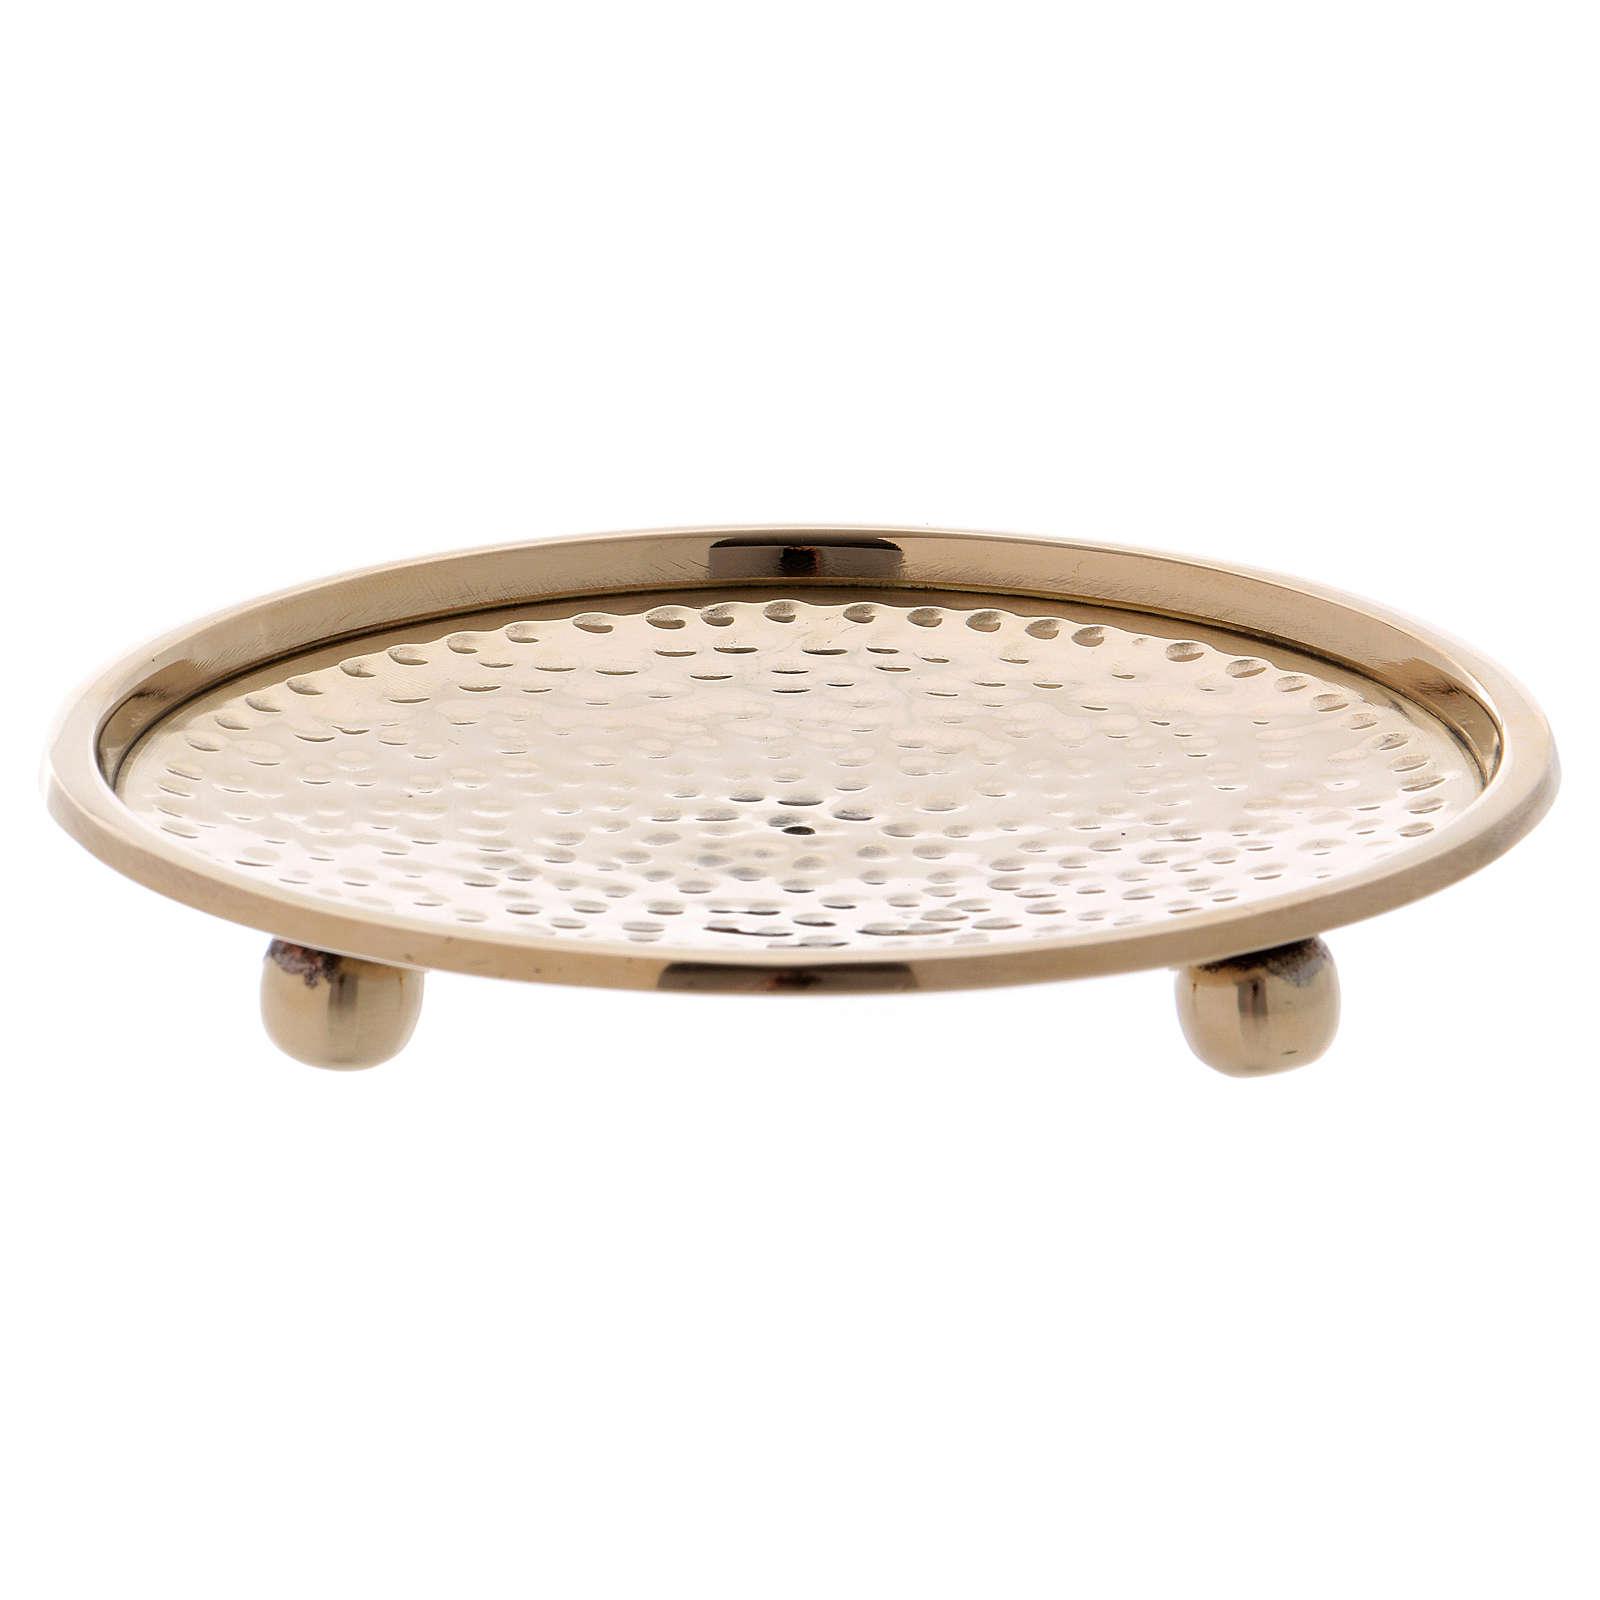 Platillo portavela martillado latón dorado 10 cm 3